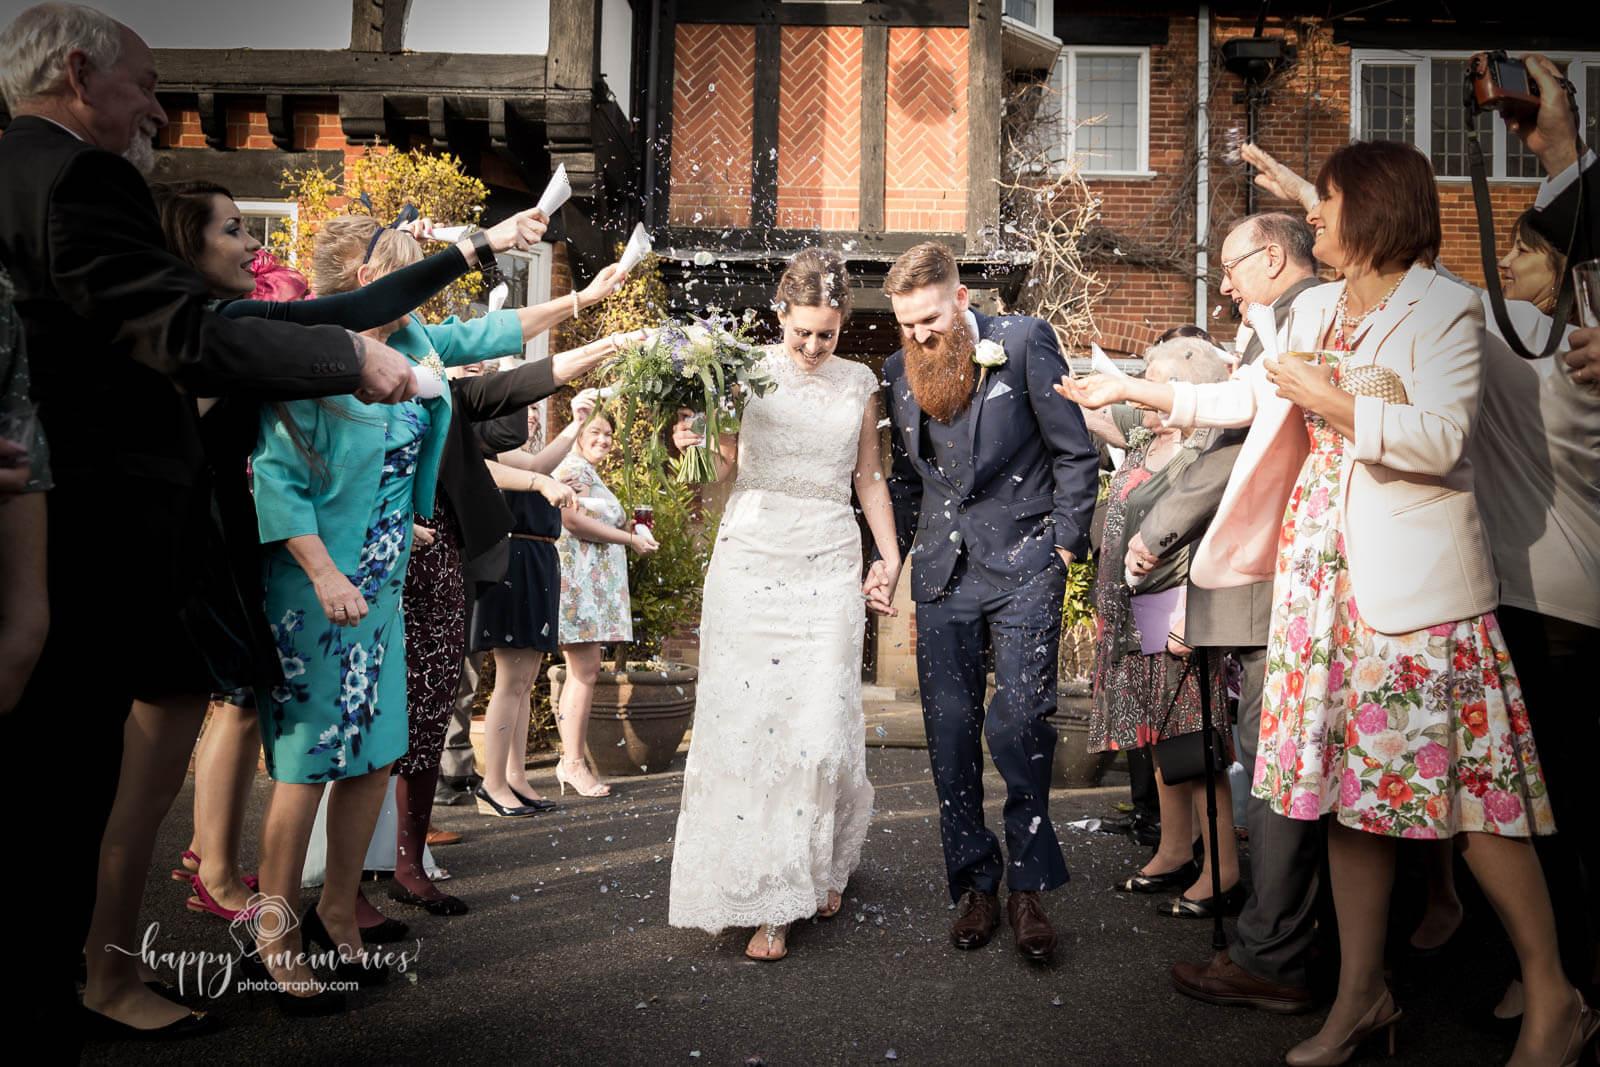 Wedding photographer Crawley-28